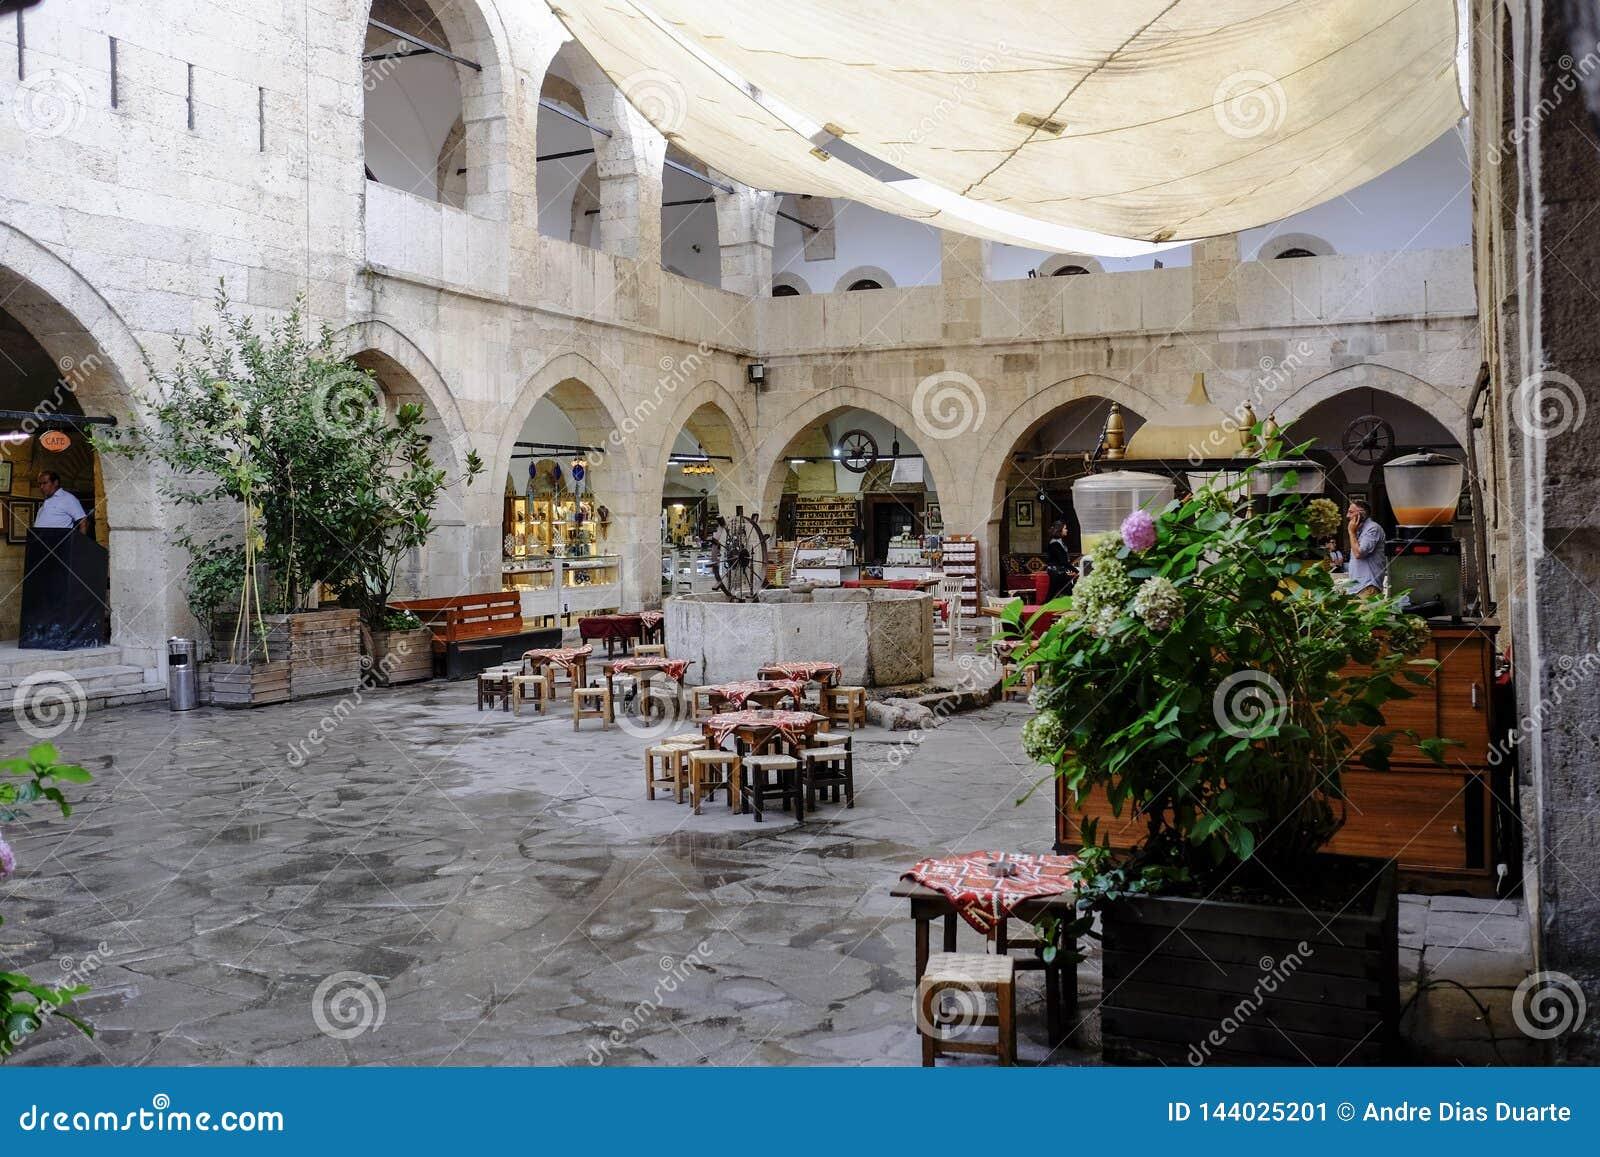 Old hotel in Safranbolu